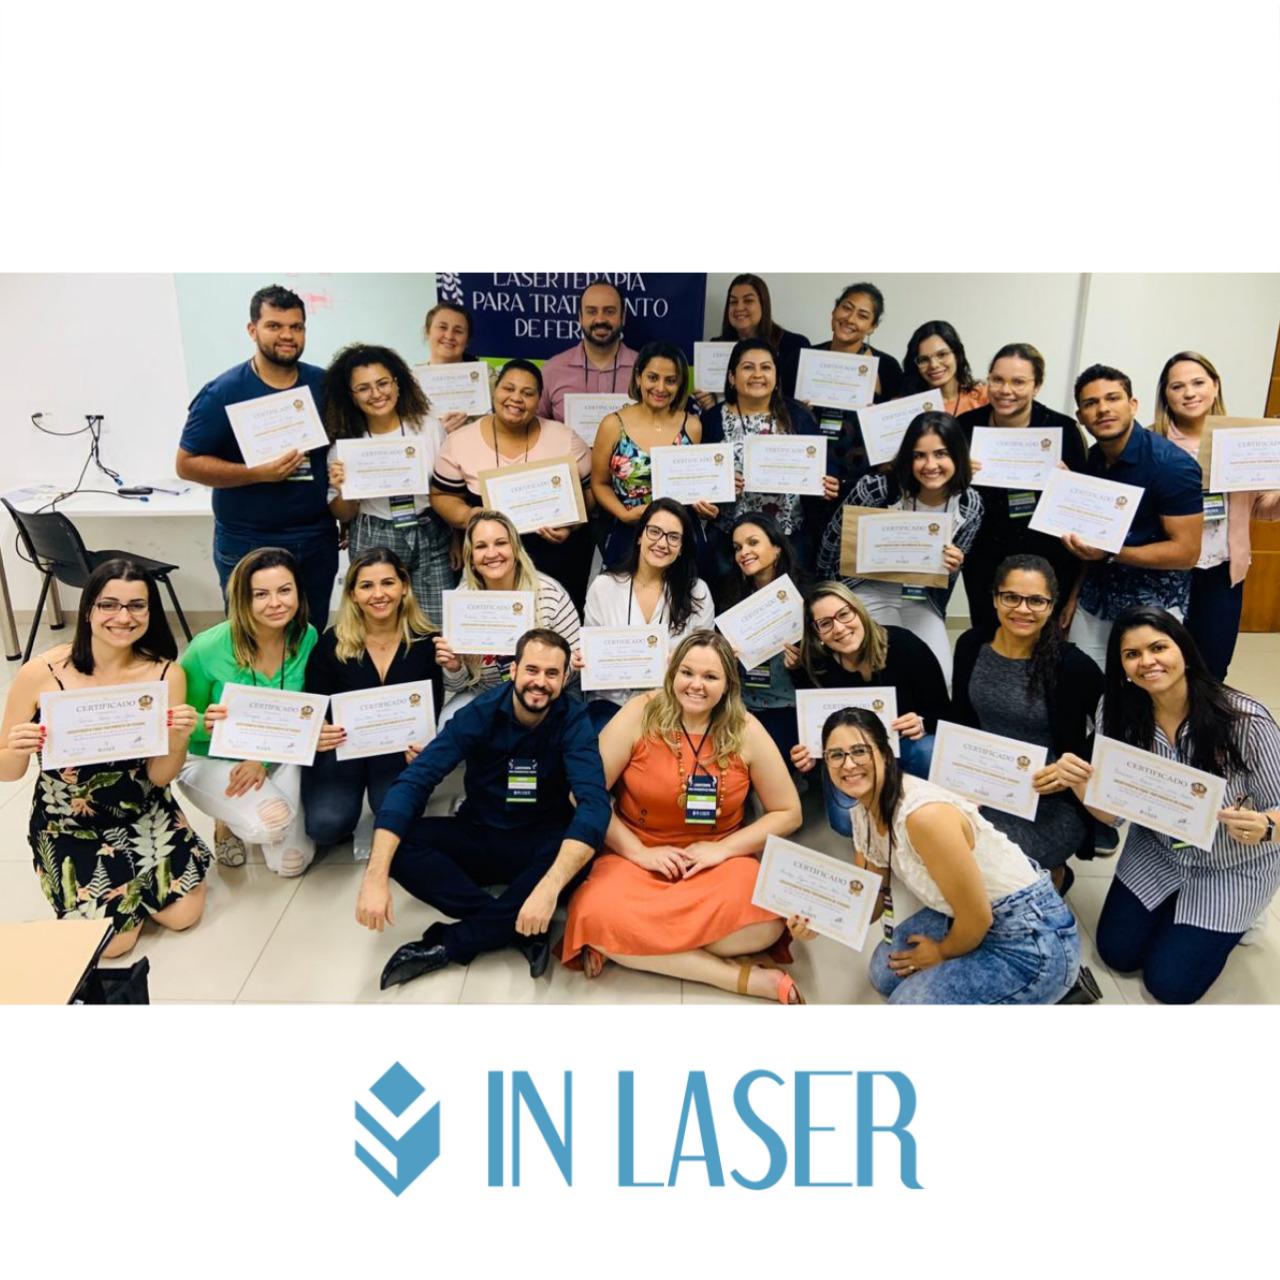 Laserterapia para Tratamento de Feridas   São Paulo – SP   Outubro de 2019